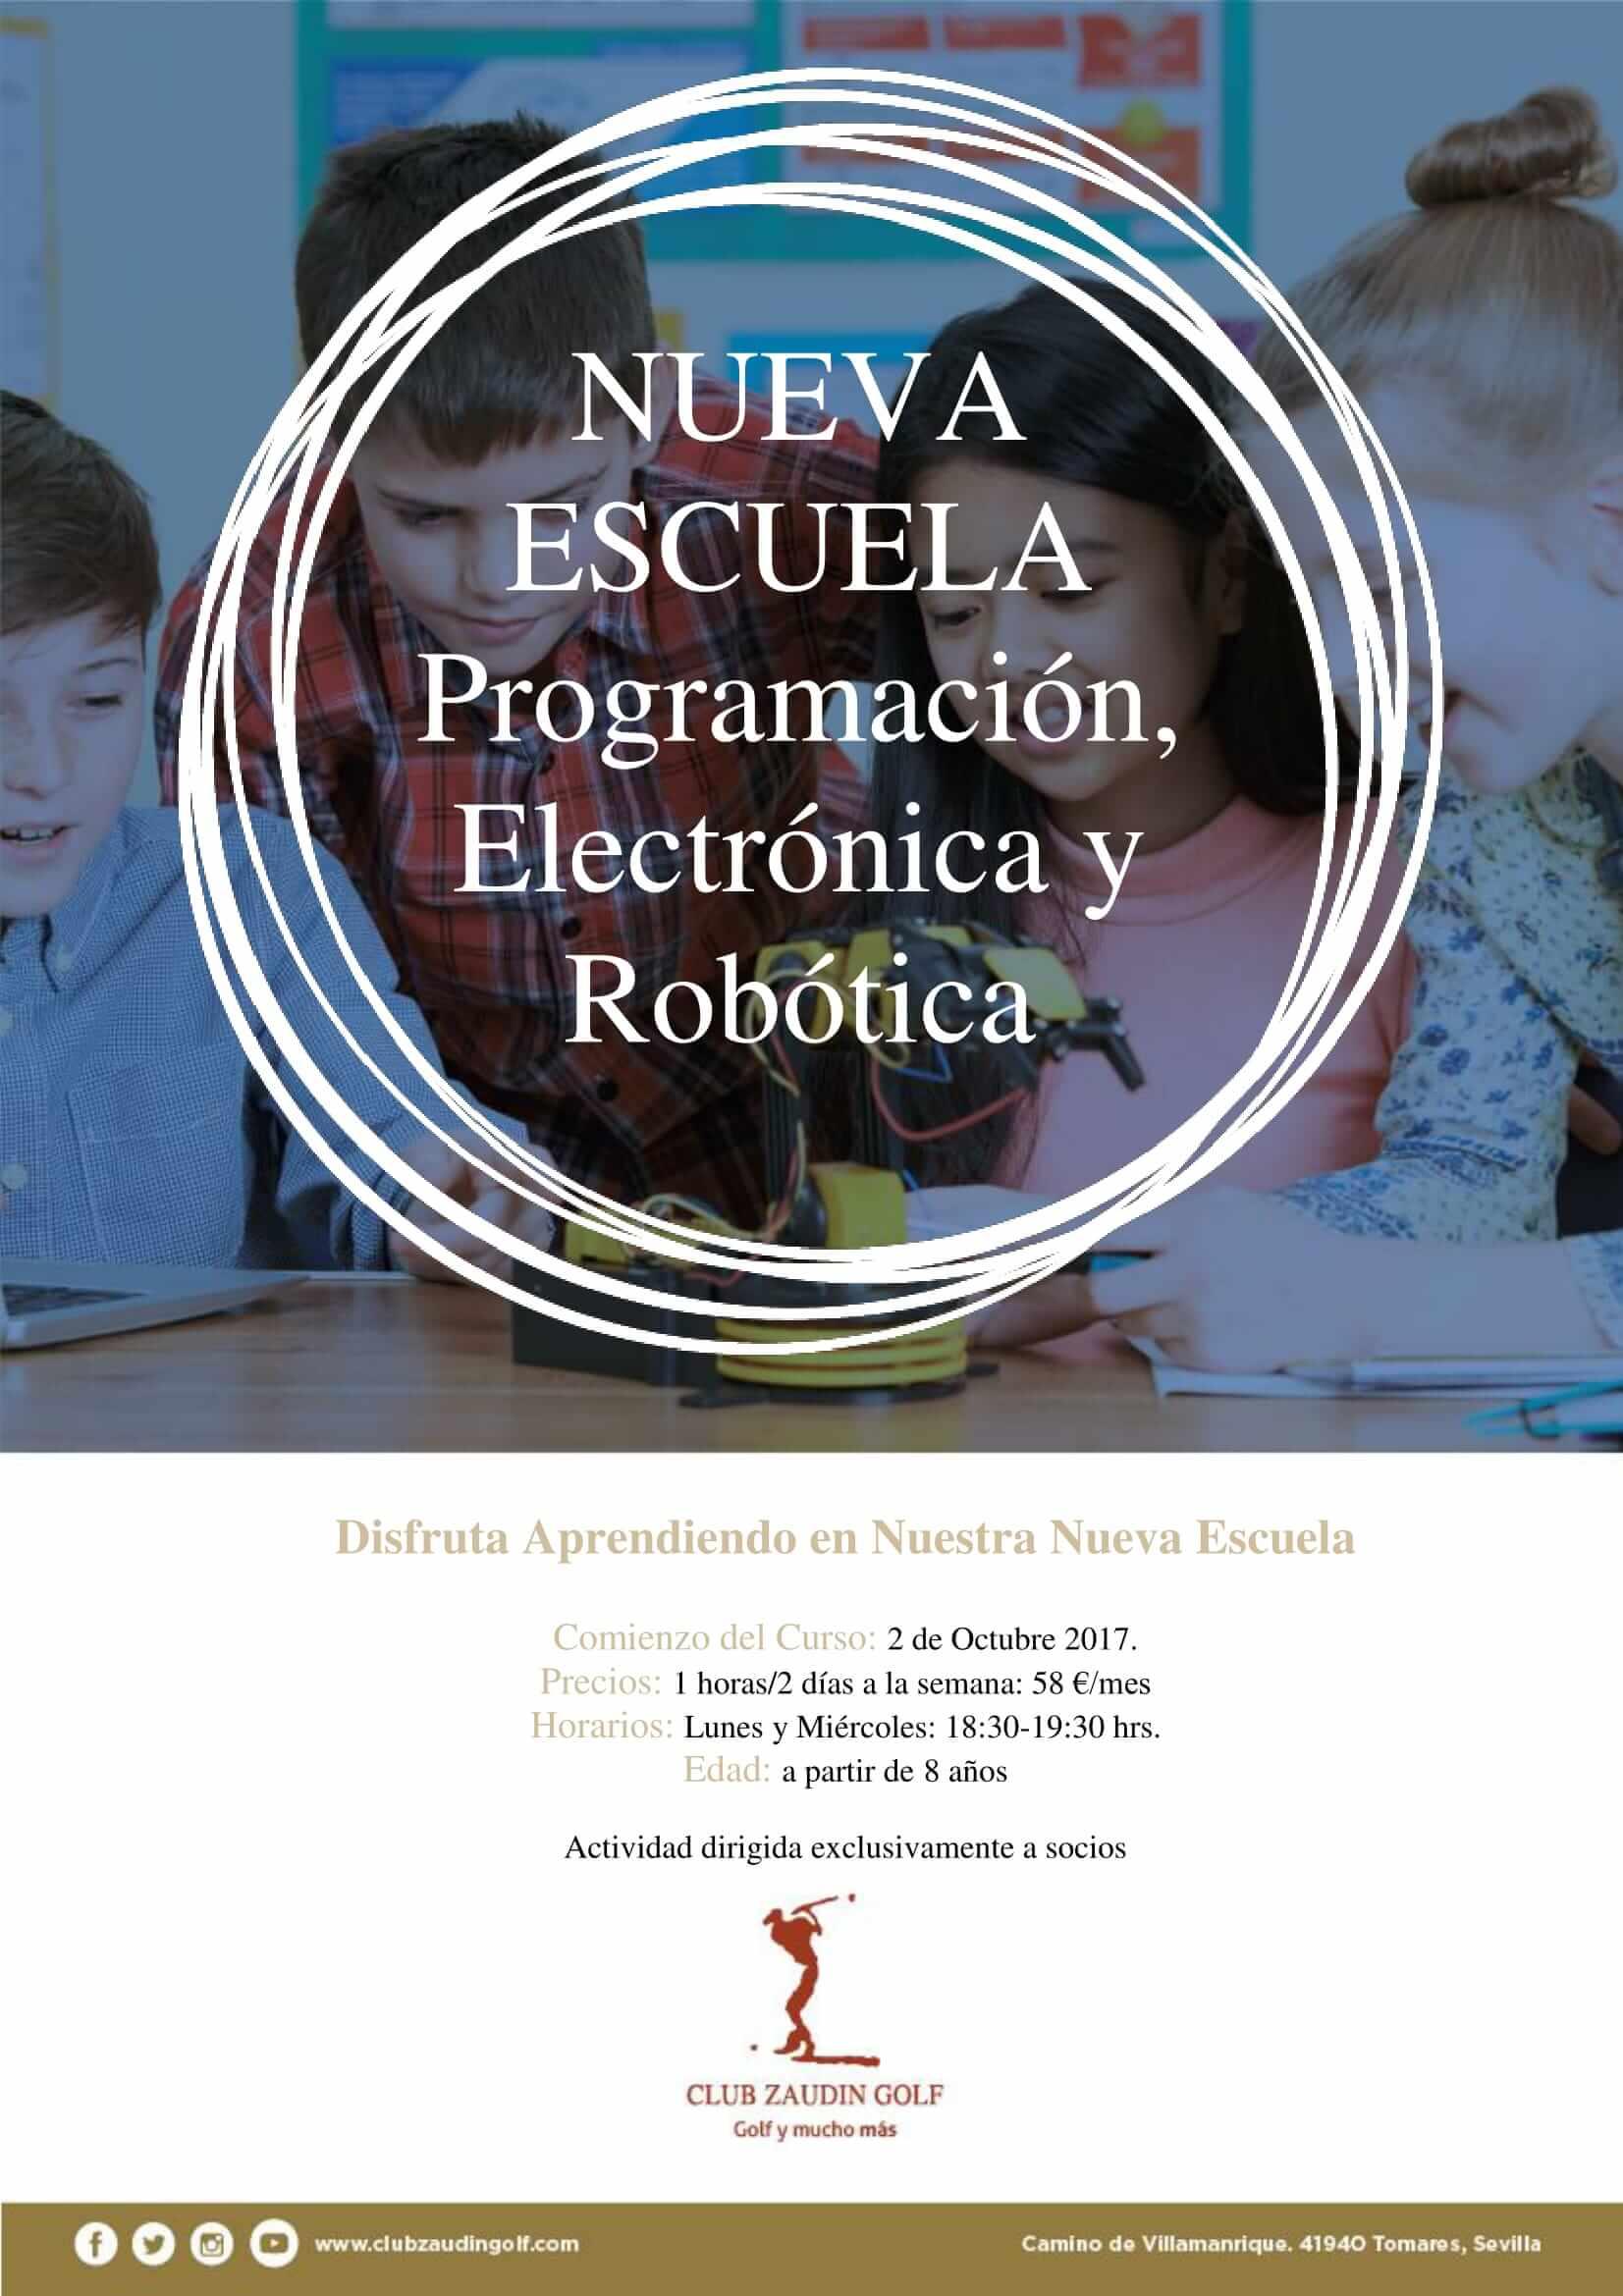 Inicio Escuela Programación, Electrónica y Robótica